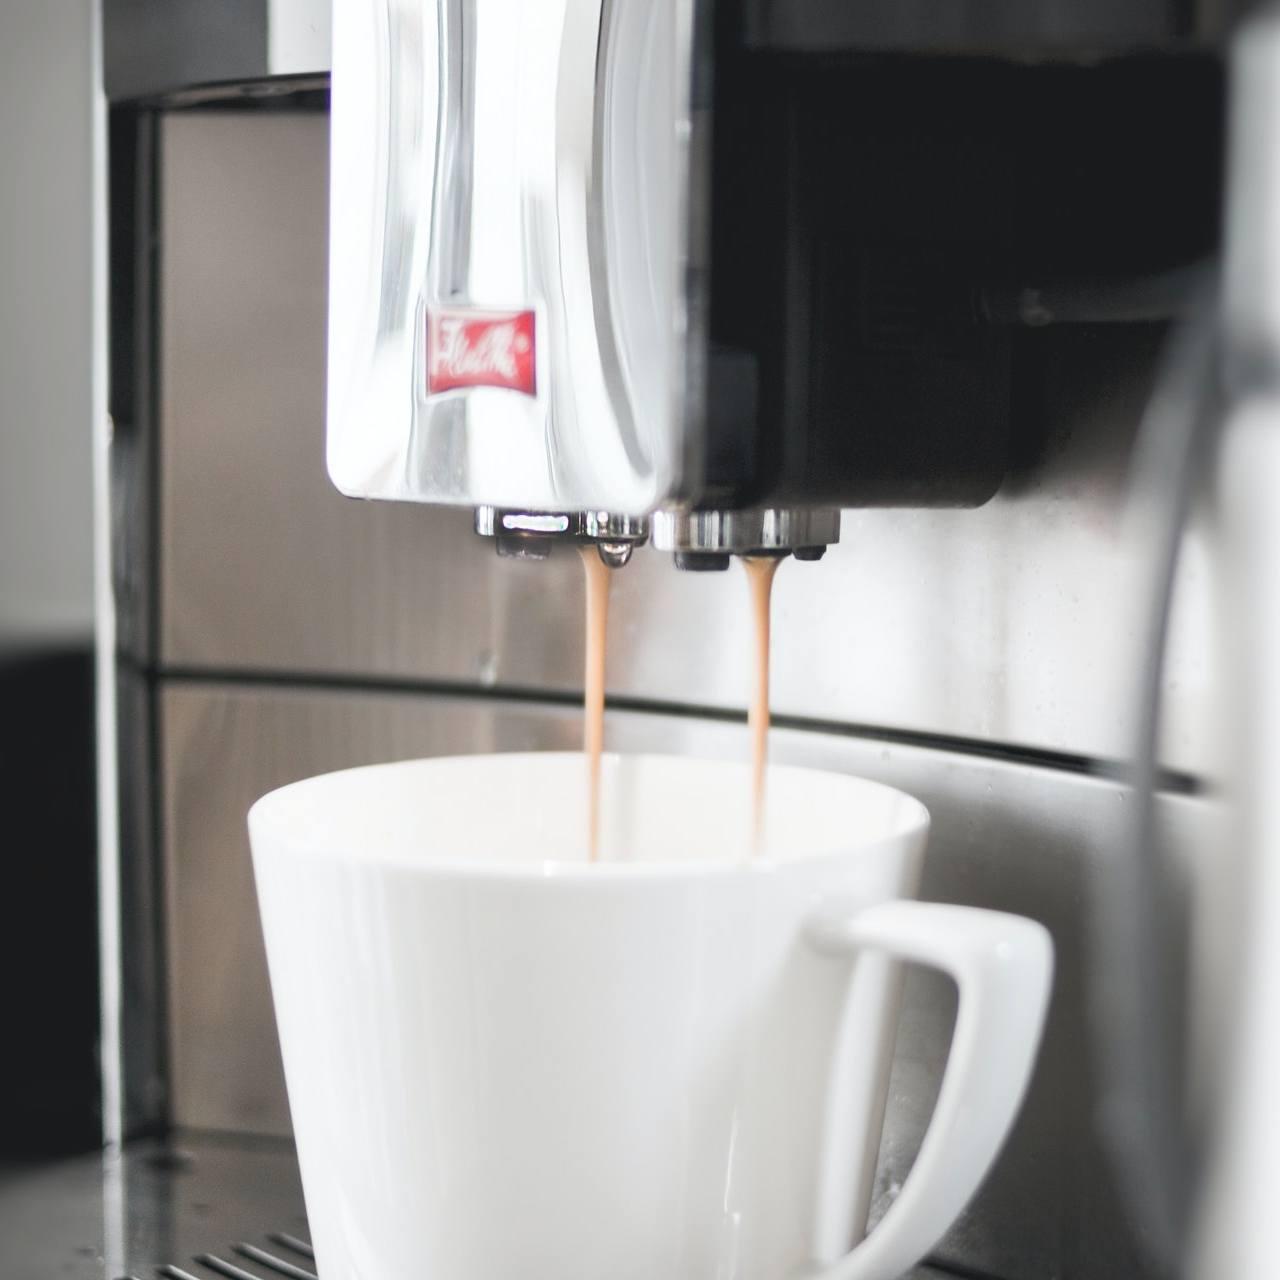 Kawiarka czy ekspres ciśnieniowy